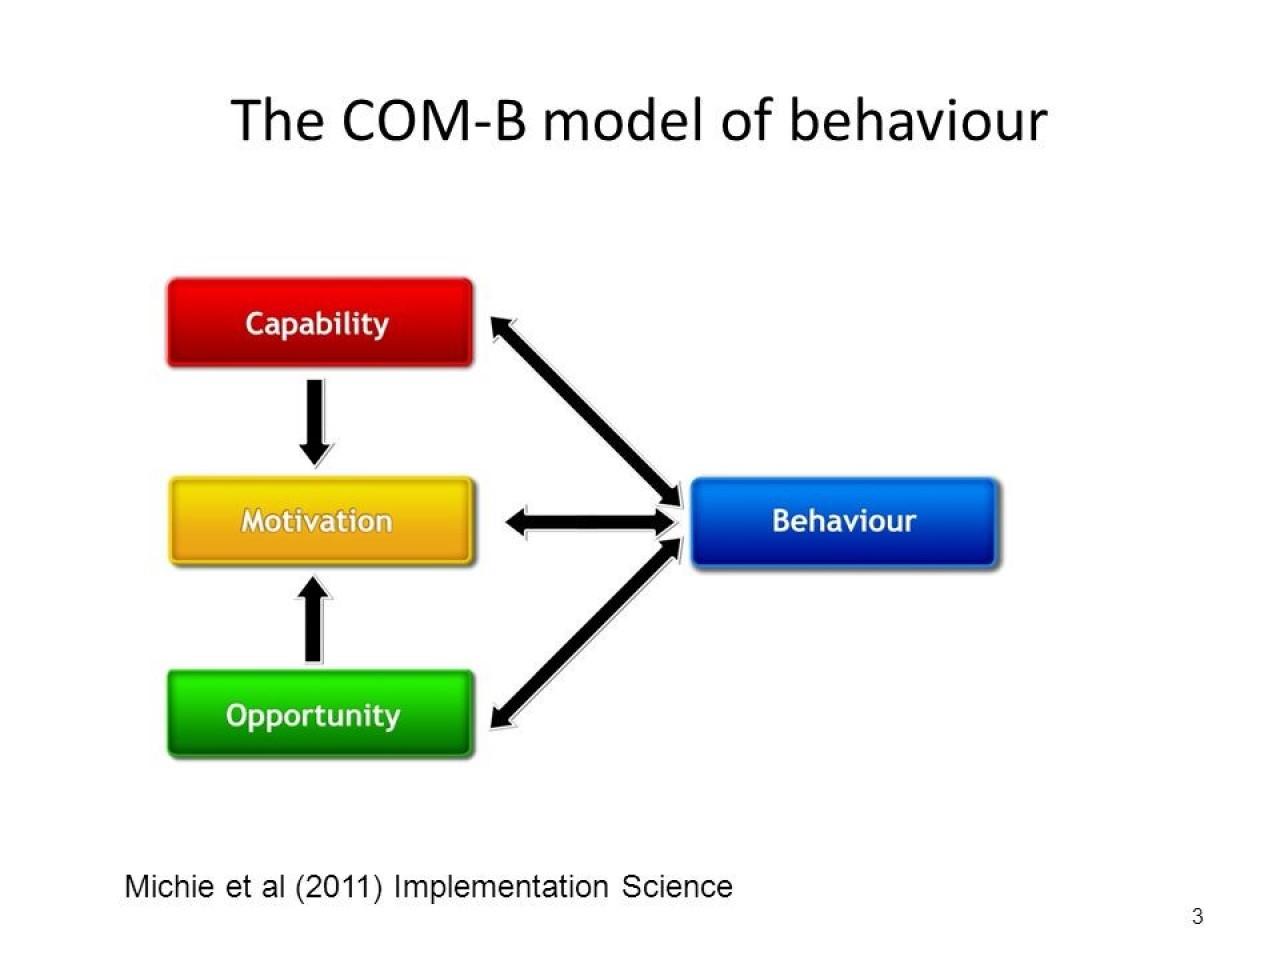 The COM-B model of behaviour